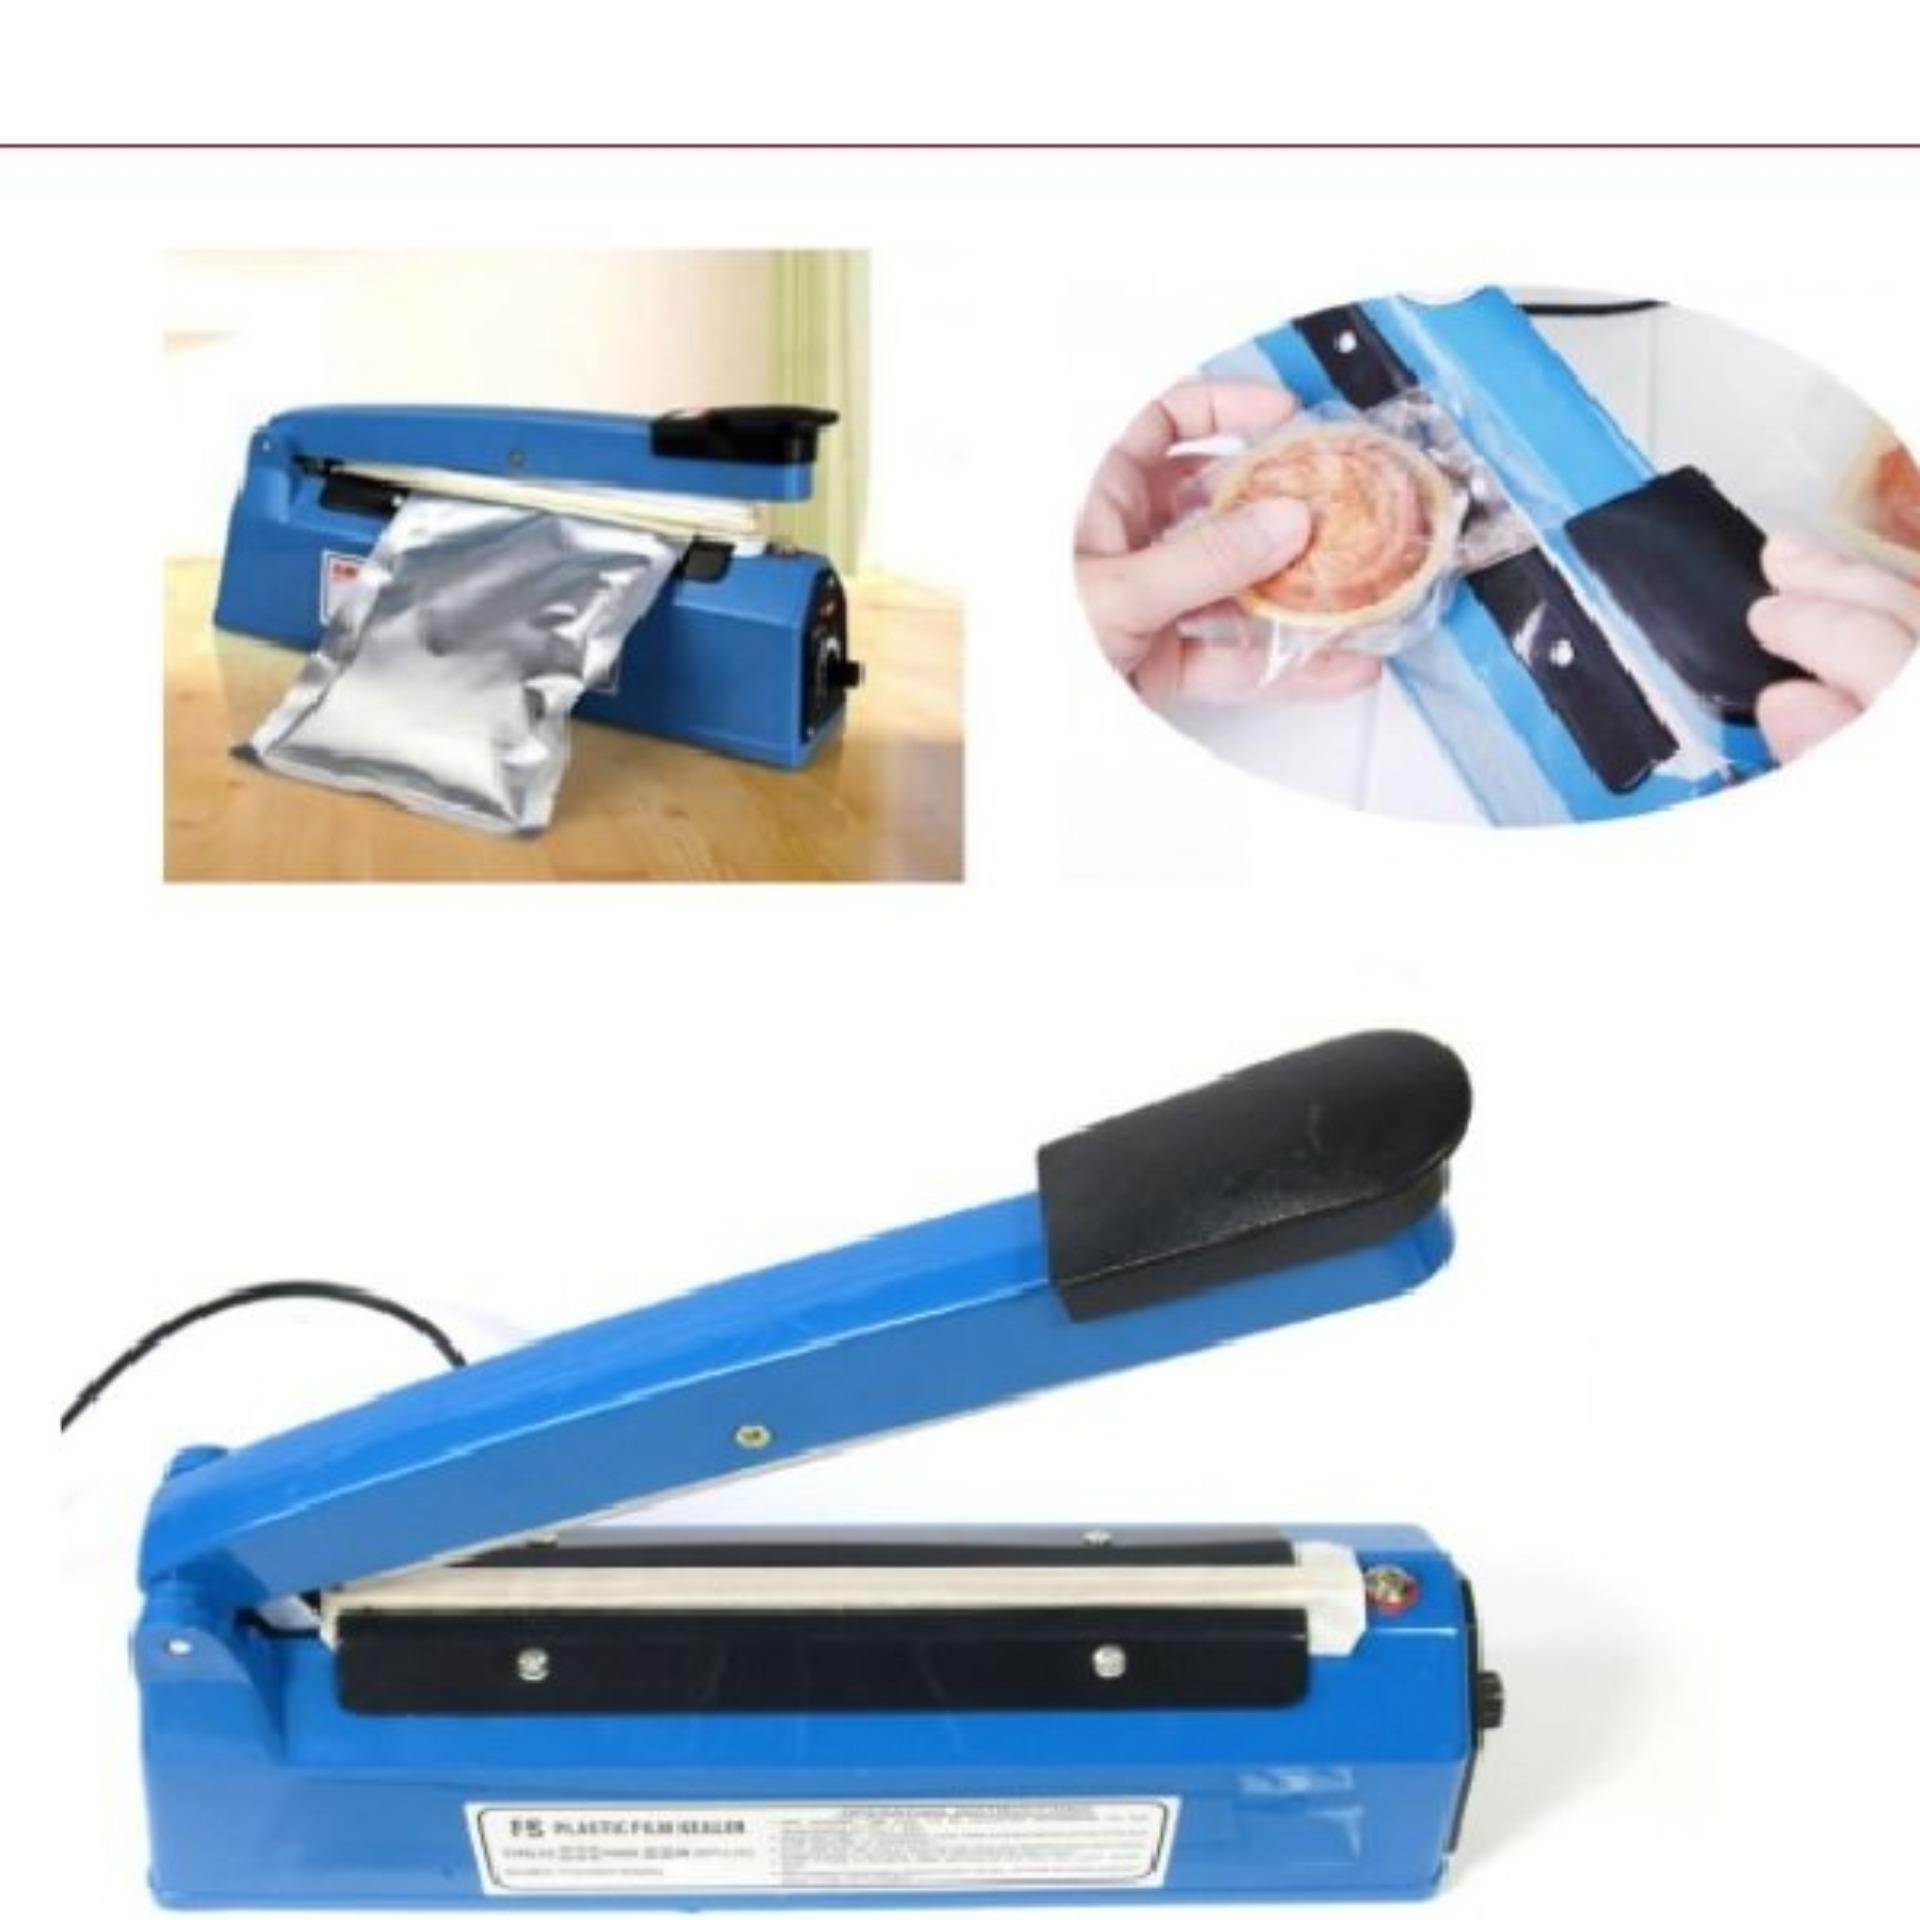 Máy hàn túi nilon dập tay Impulse Sealer PFS-200 (Xanh)  + Tặng Bộ dây nhiệt thay thế máy hàn túi [SEAL]